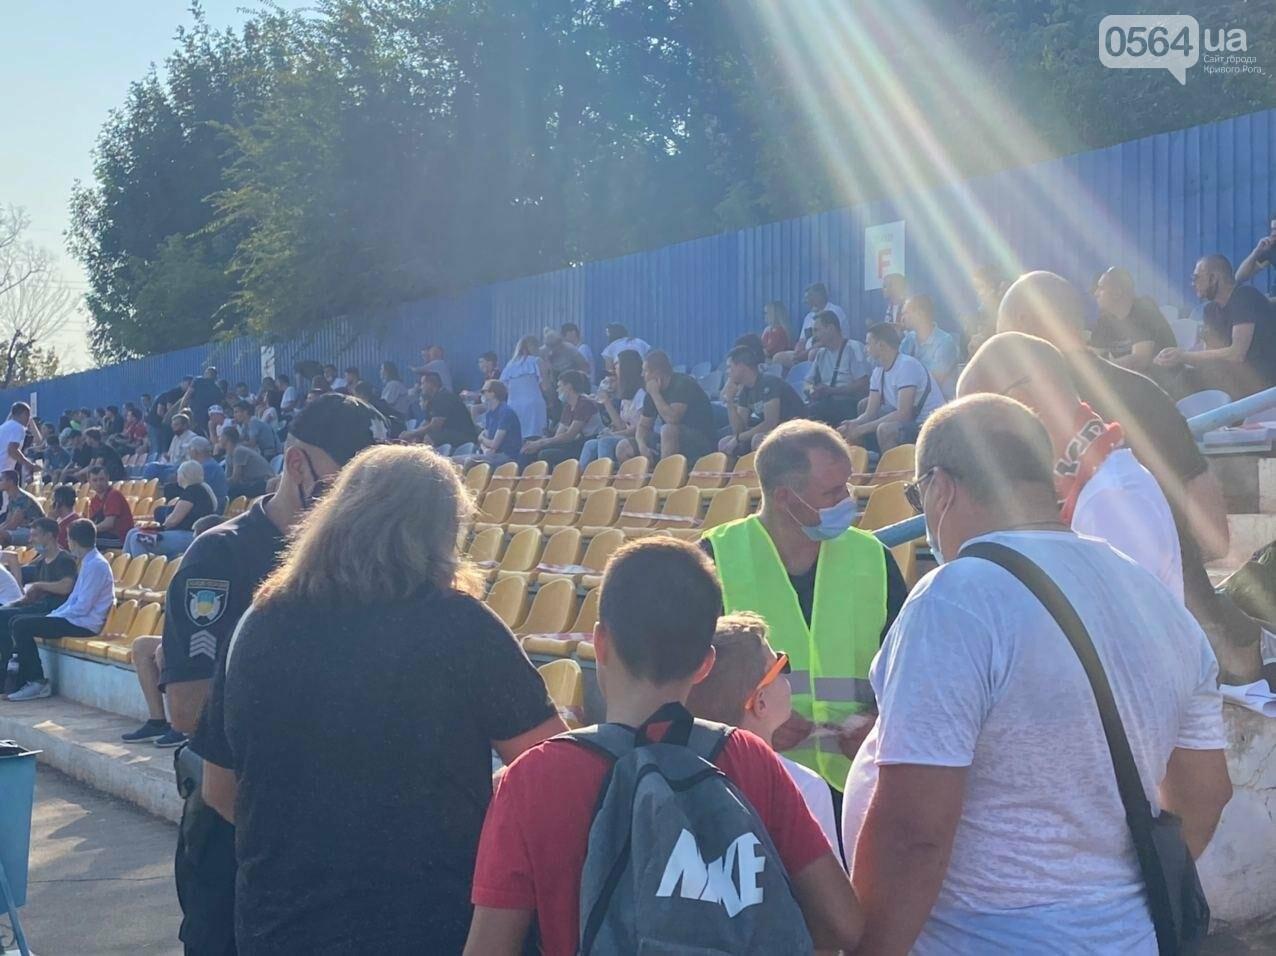 В Кривом Роге начался матч между ФК «Кривбасс» и ФК «Таврия»,  - ФОТО, ВИДЕО, фото-9